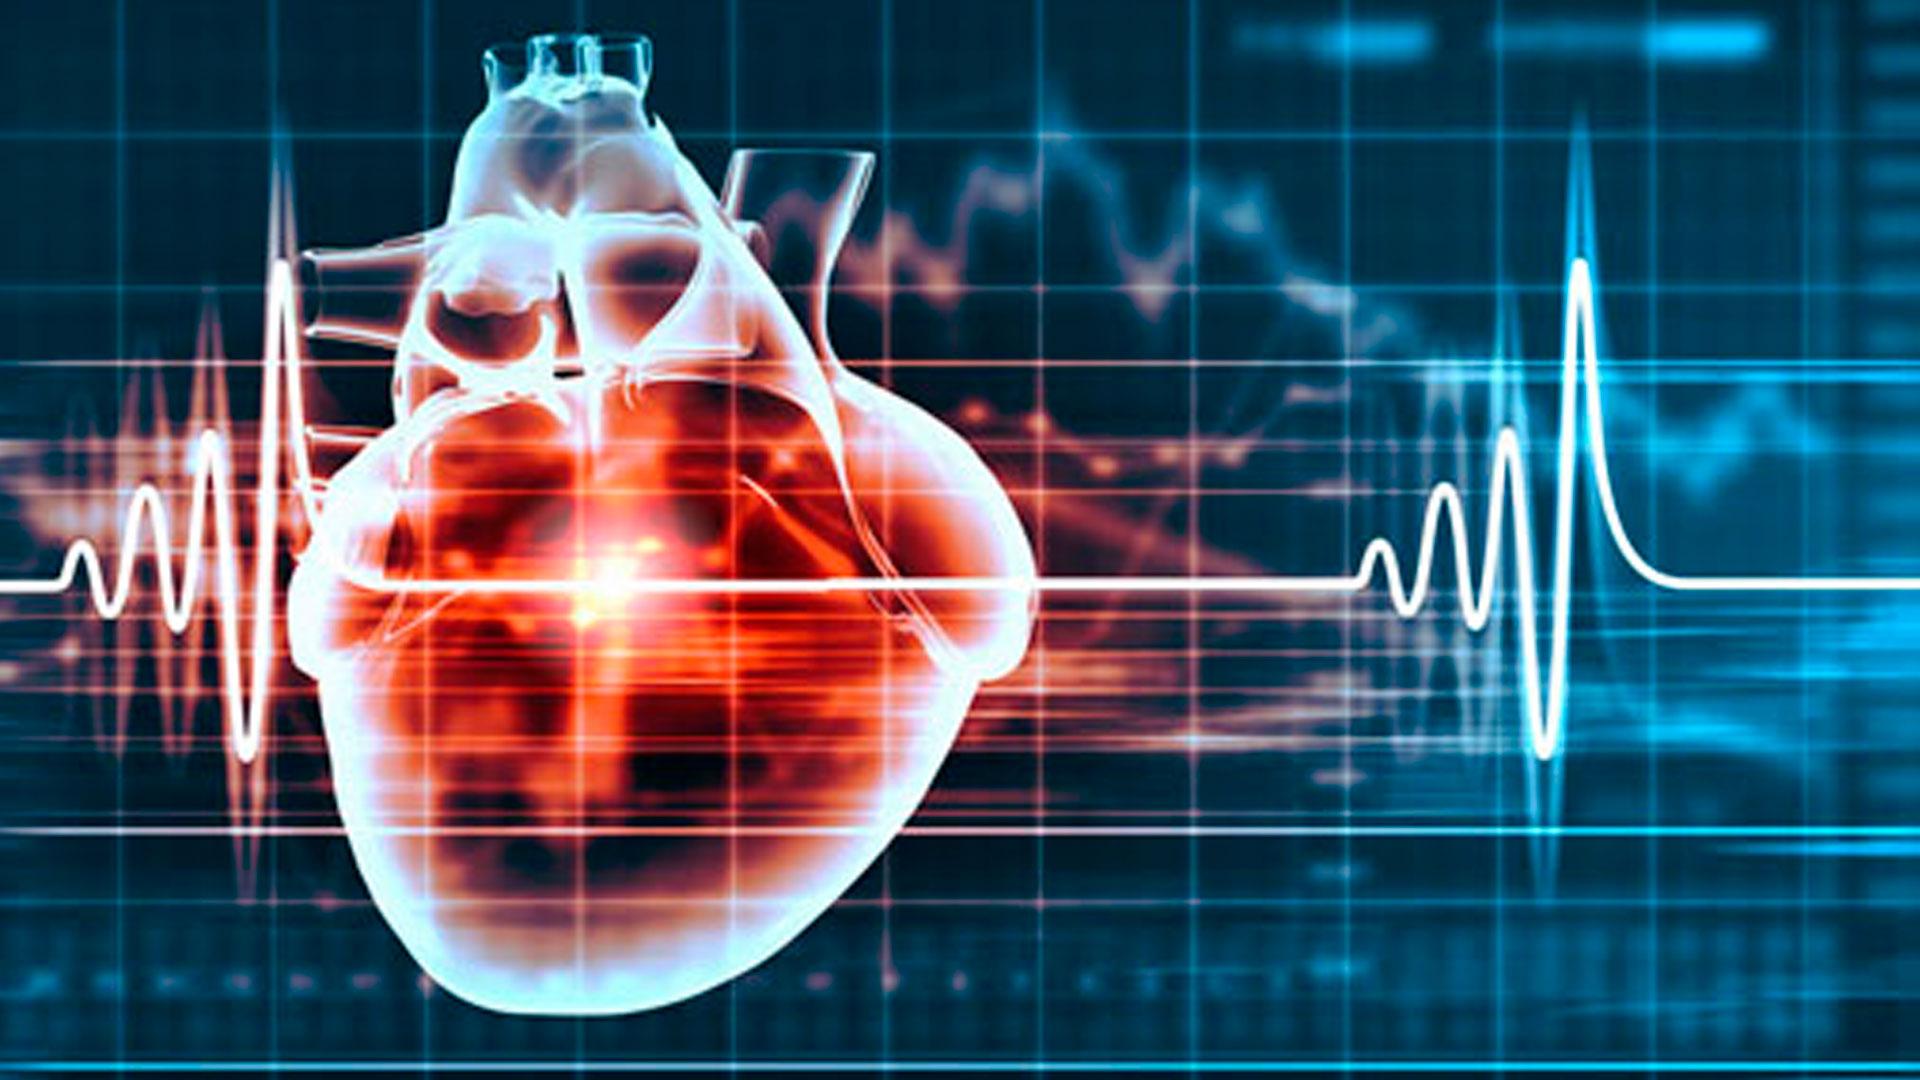 Diabete di tipo 2, ridurre il rischio cardiovascolare con i farmaci ipoglicemizzanti